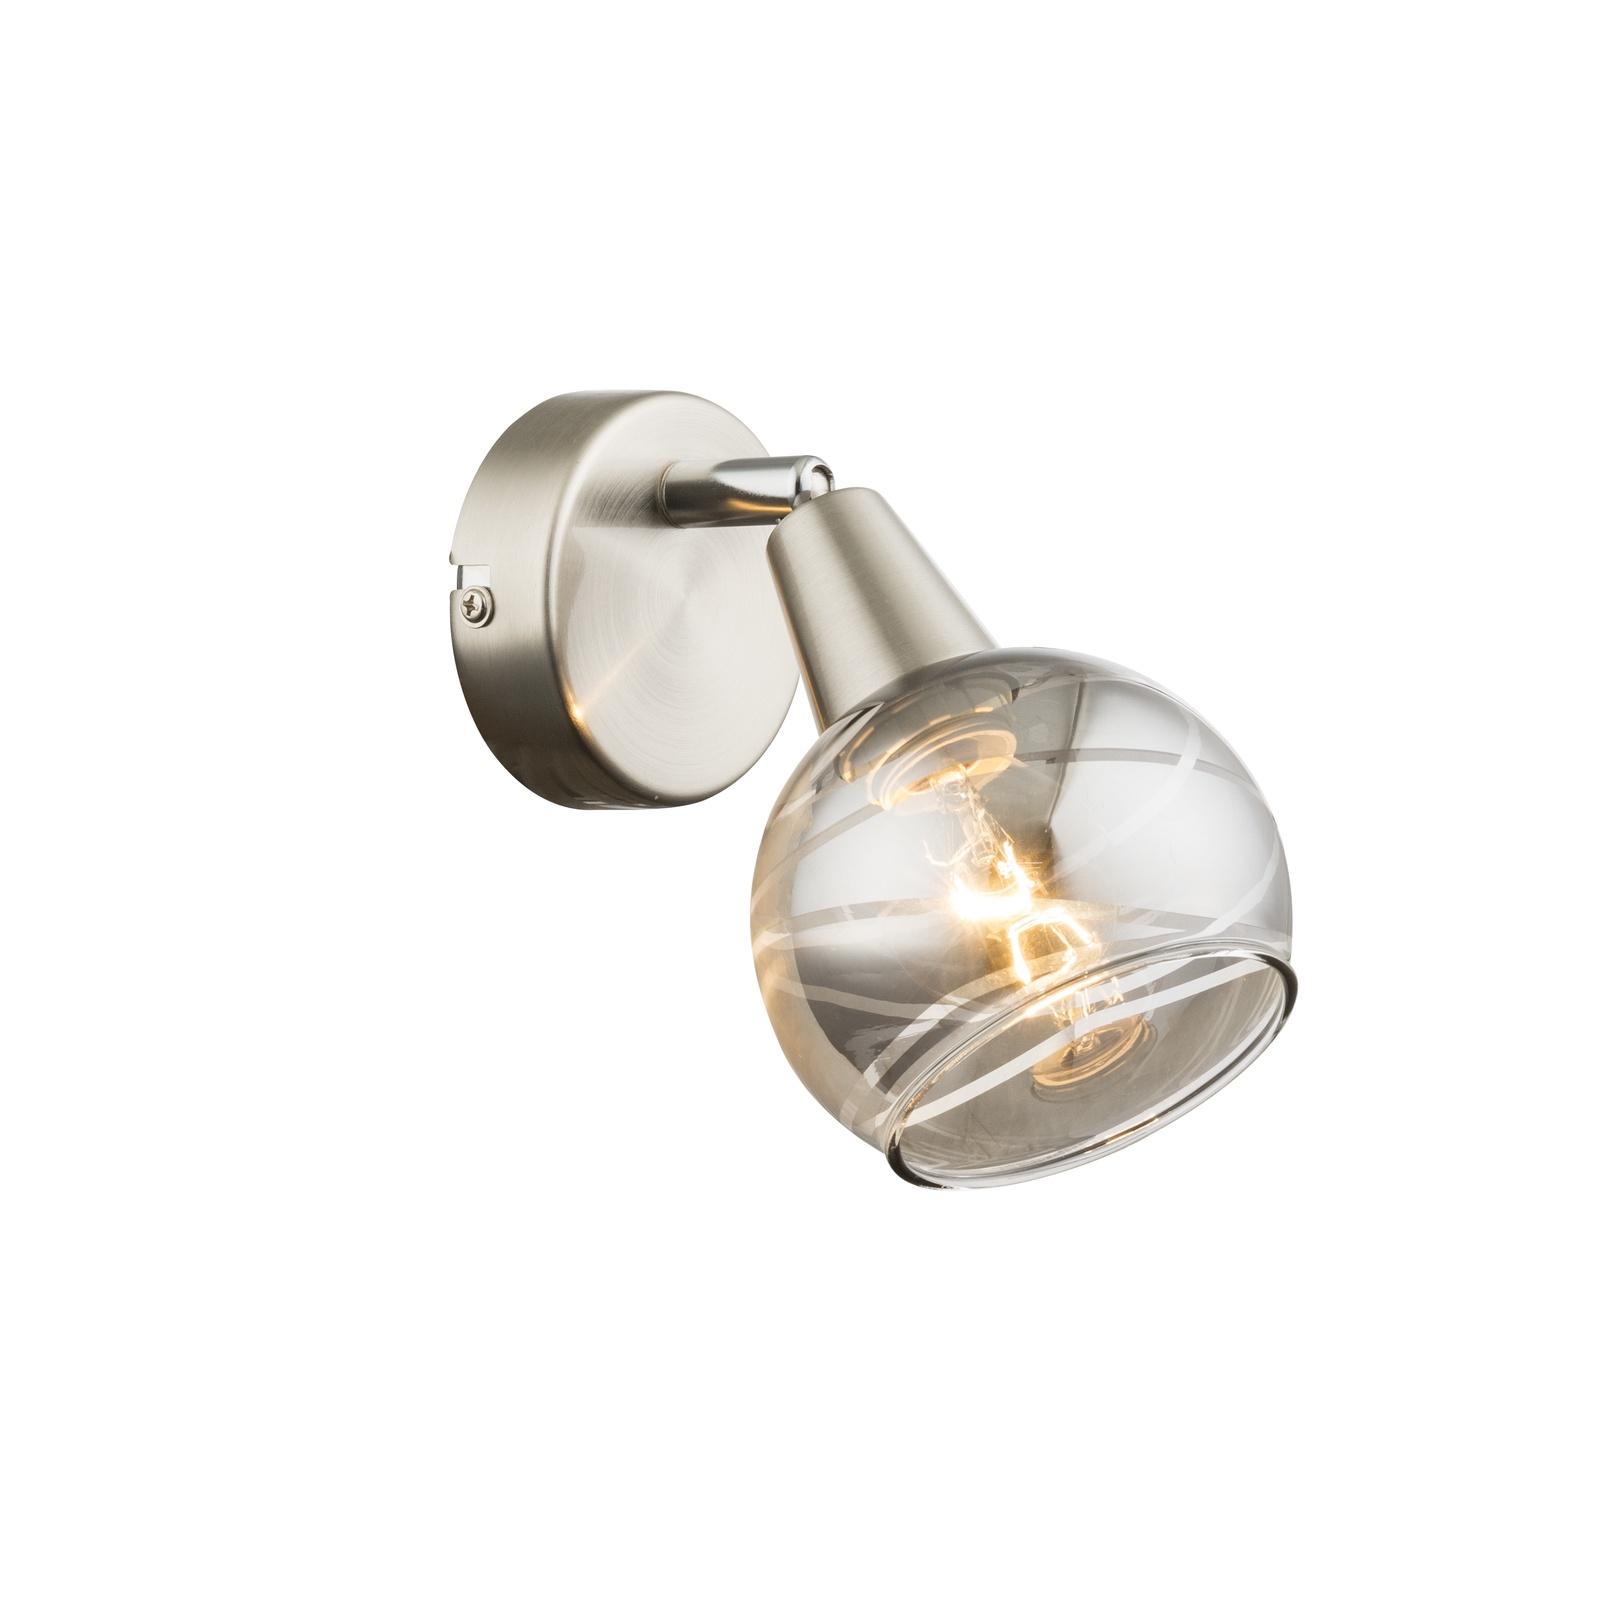 Настенно-потолочный светильник Globo Roman, серый потолочный светильник globo ugo серый